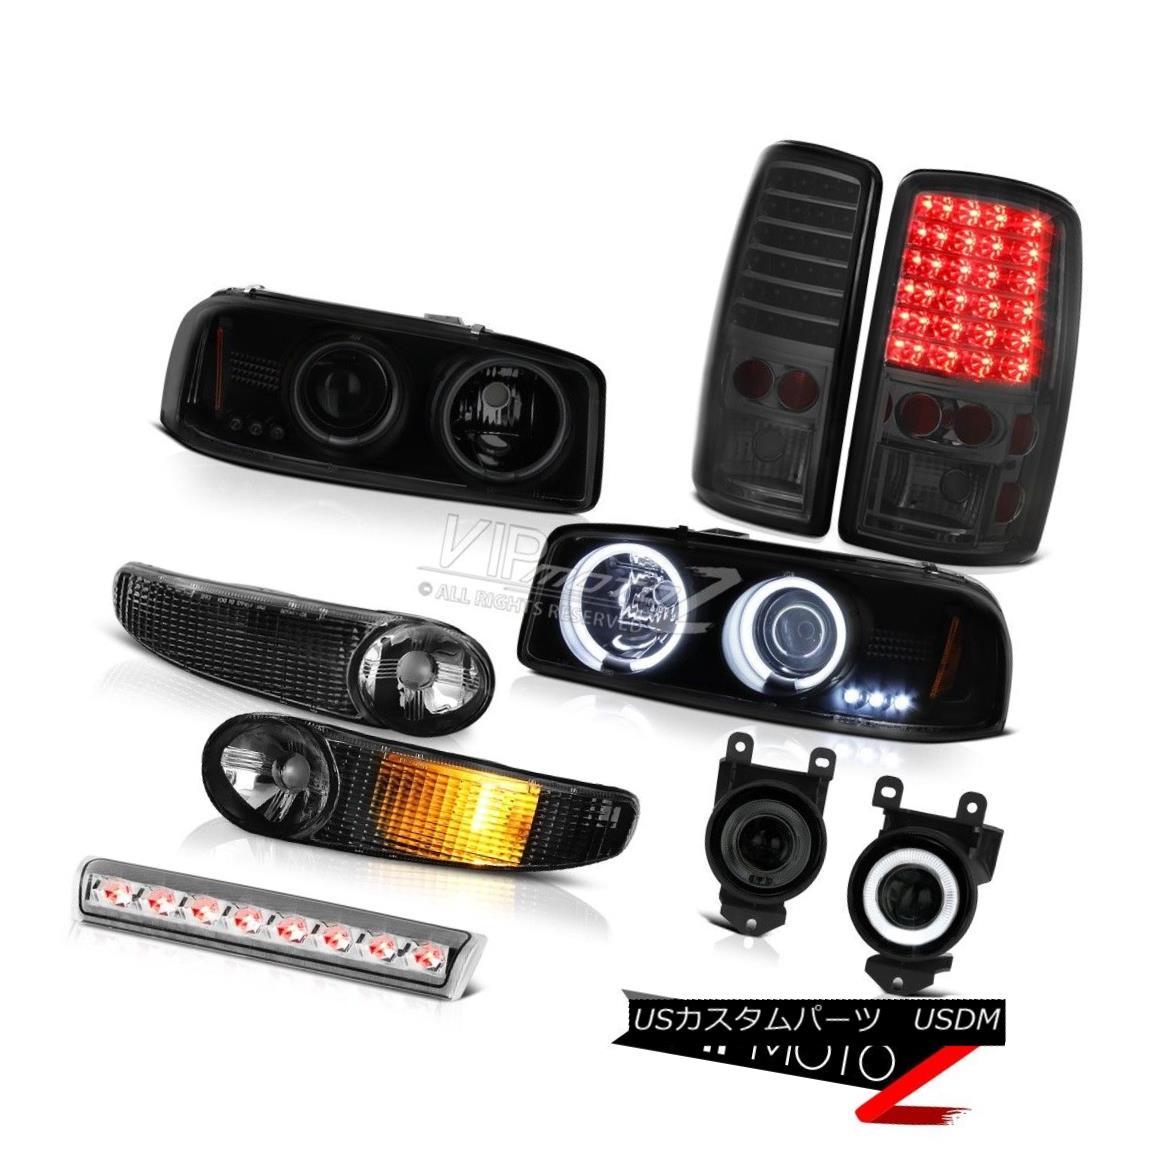 ヘッドライト 01-06 Yukon Halo Headlight Bumper Tail Lights Driving Fog Clear 3rd Brake Lamp 01-06ユーコンヘイローヘッドライトバンパーテールライトドライビングフォグクリア第3ブレーキランプ